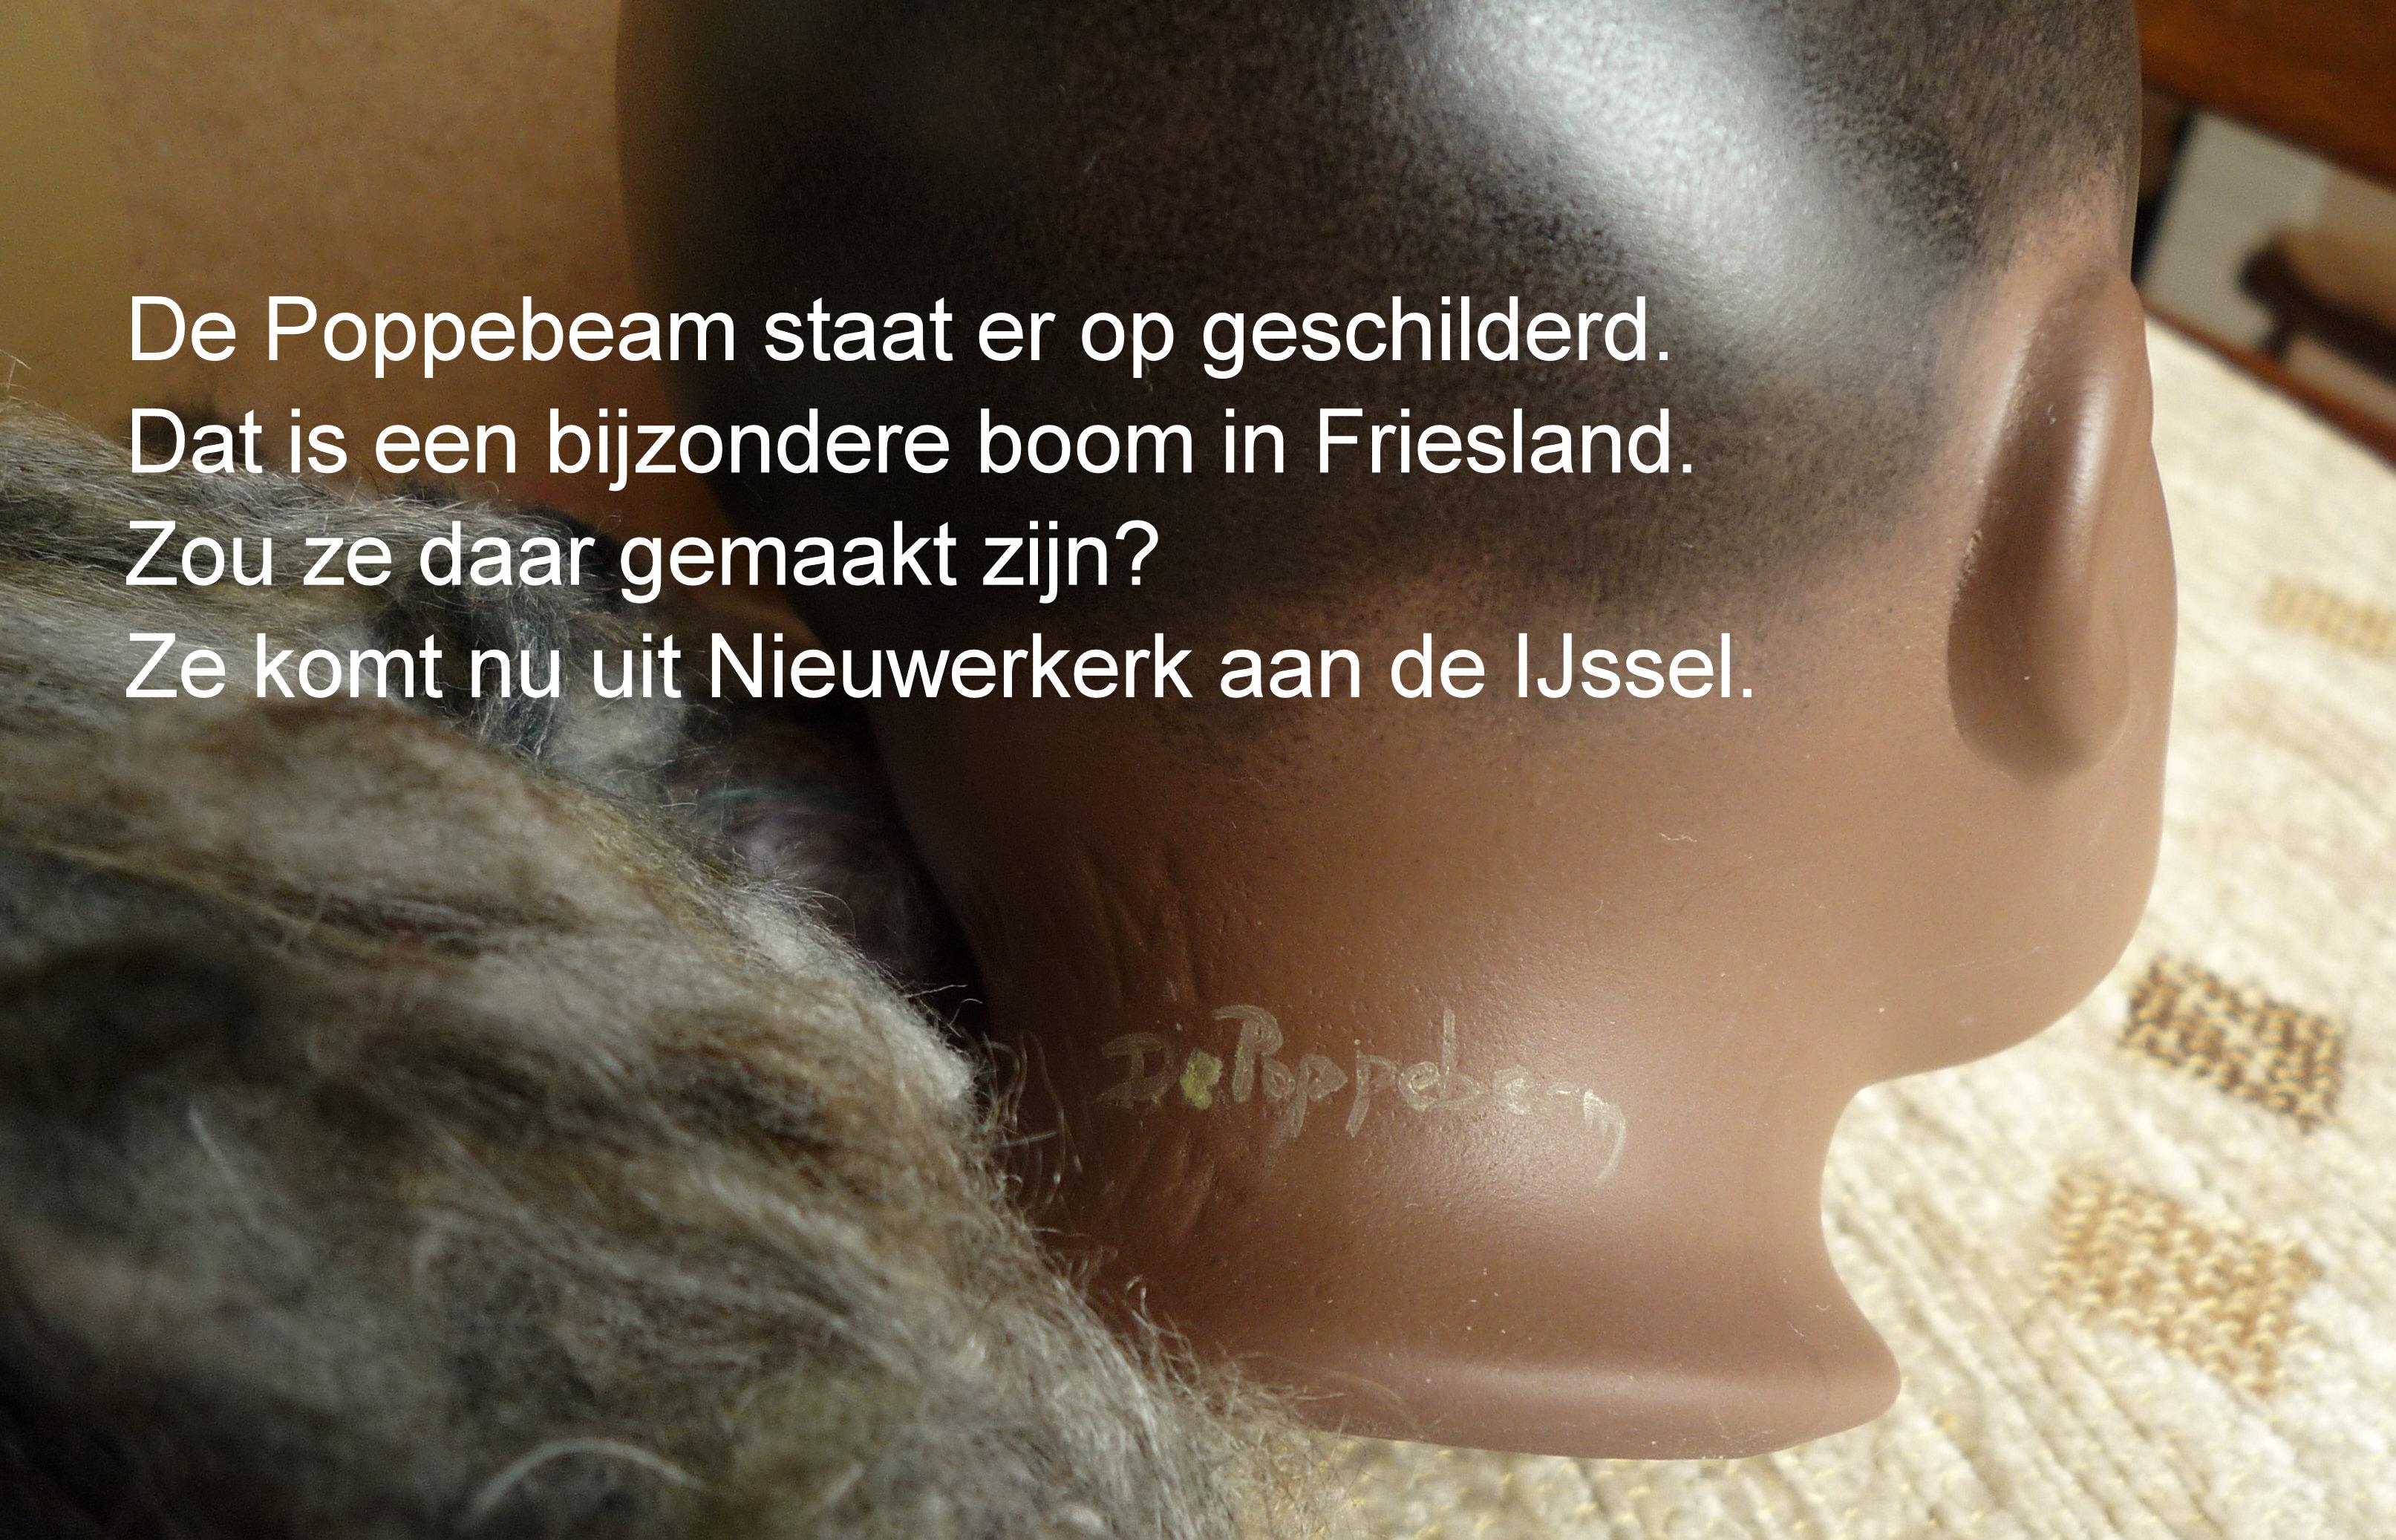 https://welkepopisdat.nl/afbeeldingen-Forum/DurvinaFotos/Talisa%20op%20forum%20(6).JPG